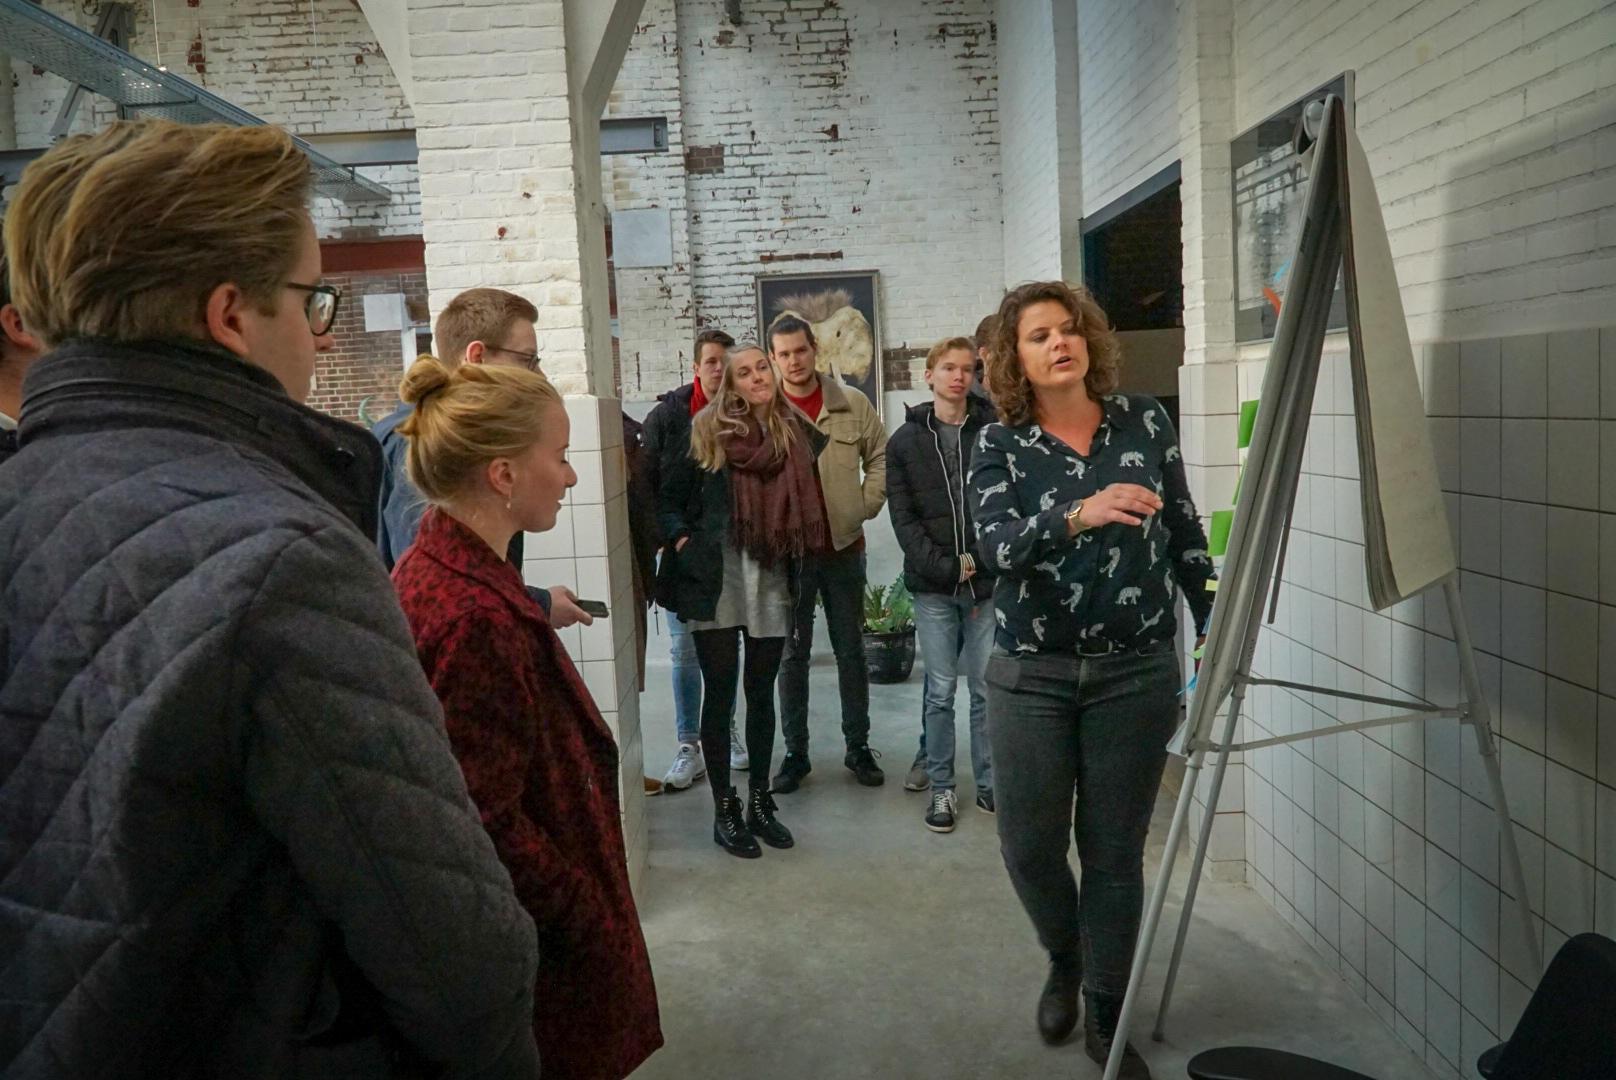 [inspiratie] Gastcollege placemaking in gebiedsontwikkeling bij Saxion